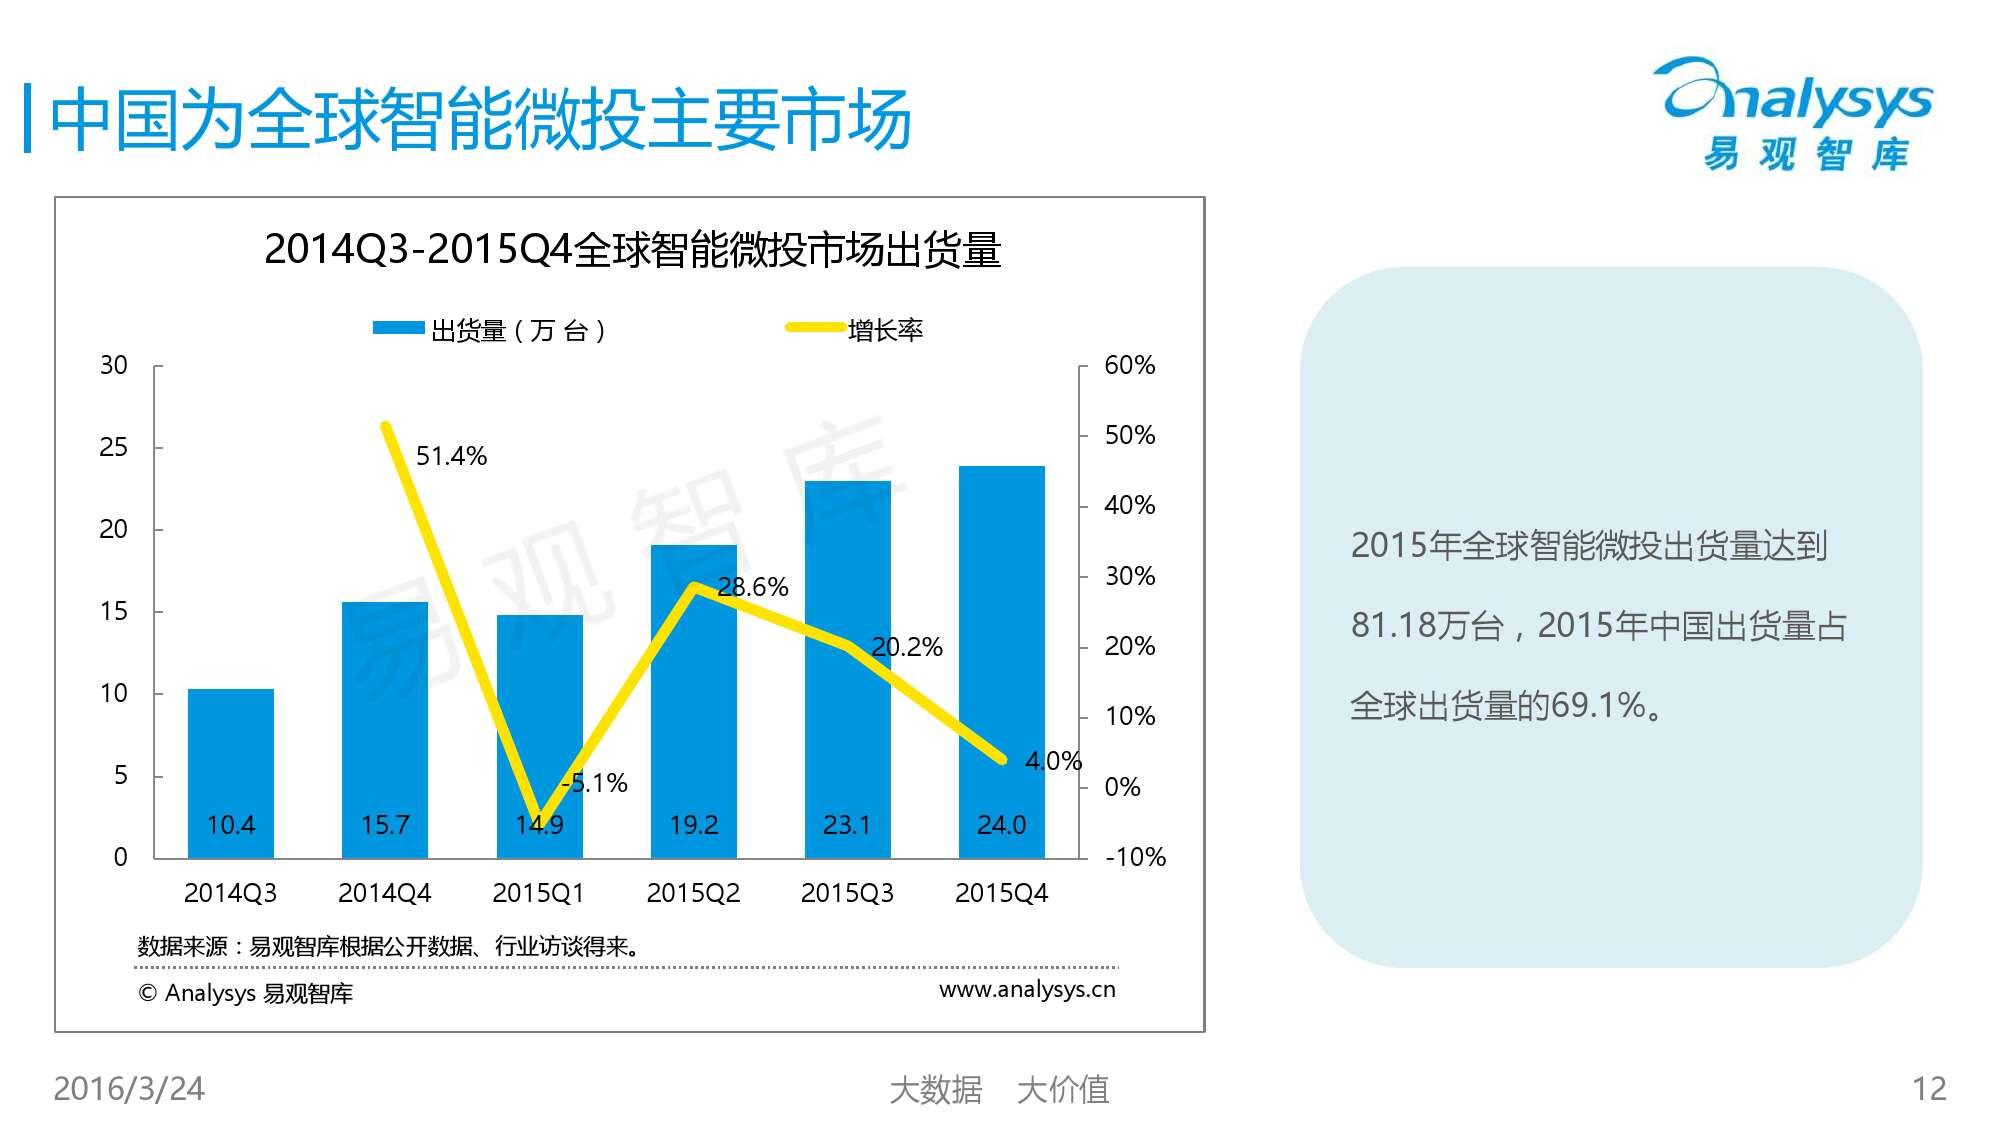 中国智能微投市场专题研究报告2016_000012